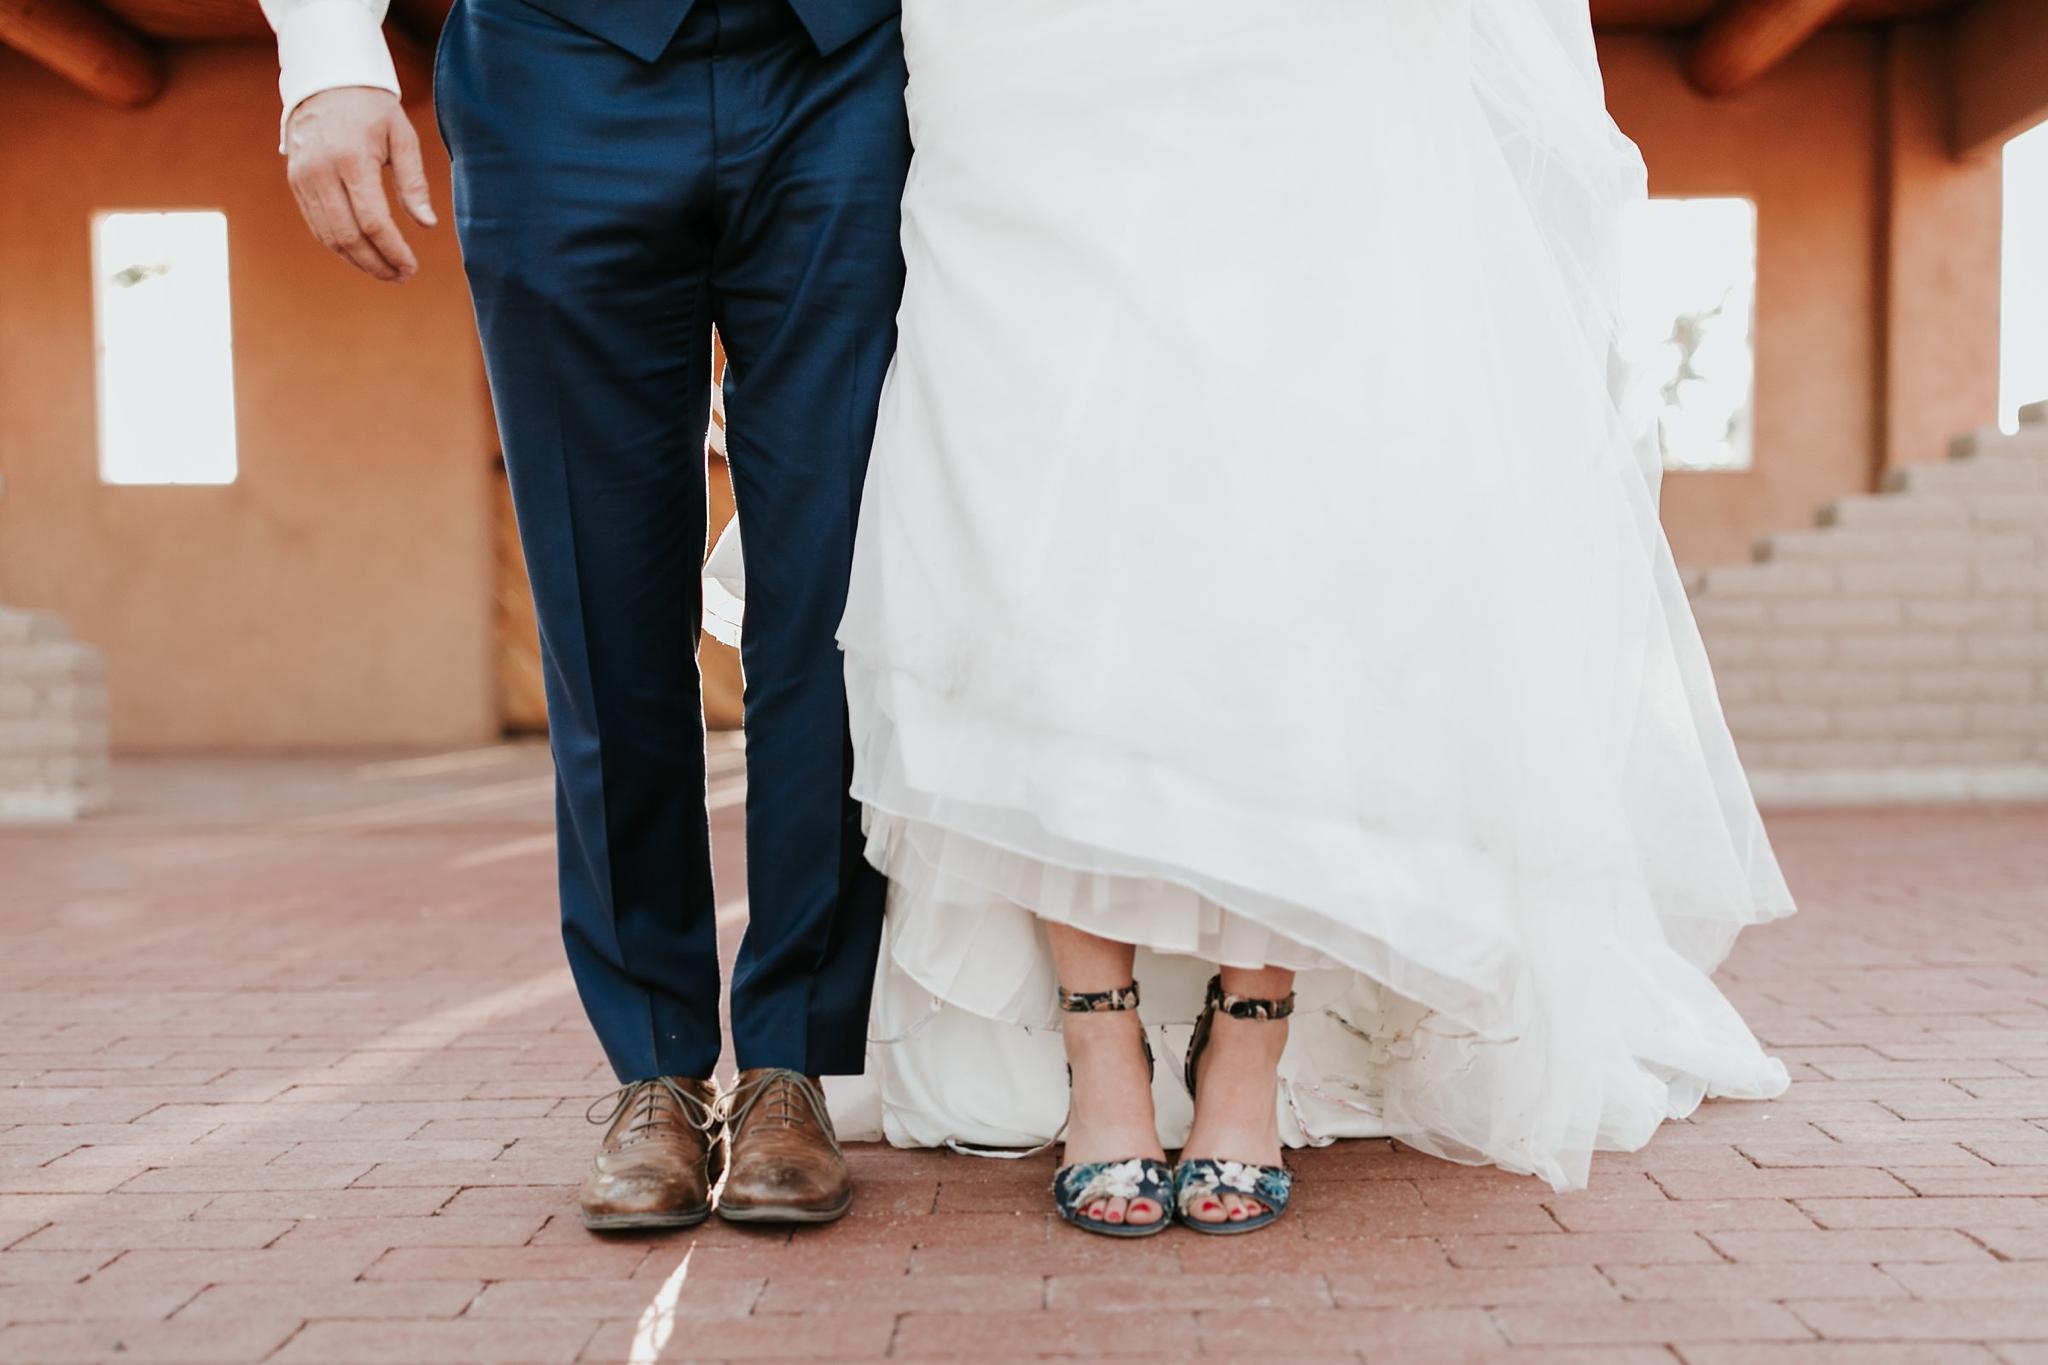 Alicia+lucia+photography+-+albuquerque+wedding+photographer+-+santa+fe+wedding+photography+-+new+mexico+wedding+photographer+-+new+mexico+wedding+-+wedding+photographer+-+wedding+photographer+team_0236.jpg